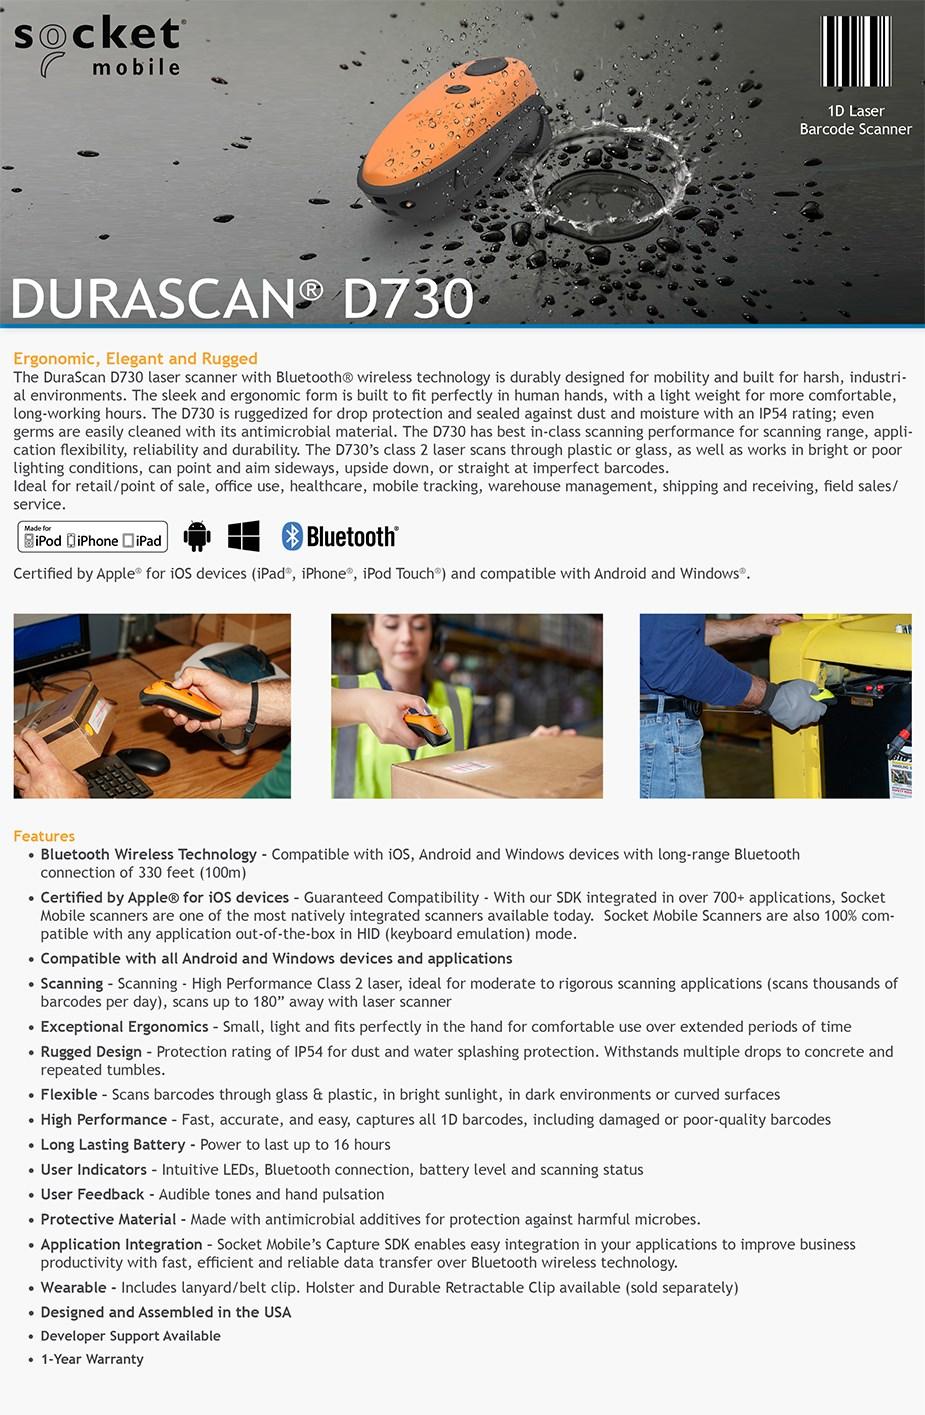 Socket 1D Laser Barcode Scanner - Utility Gray - Desktop Overview 1